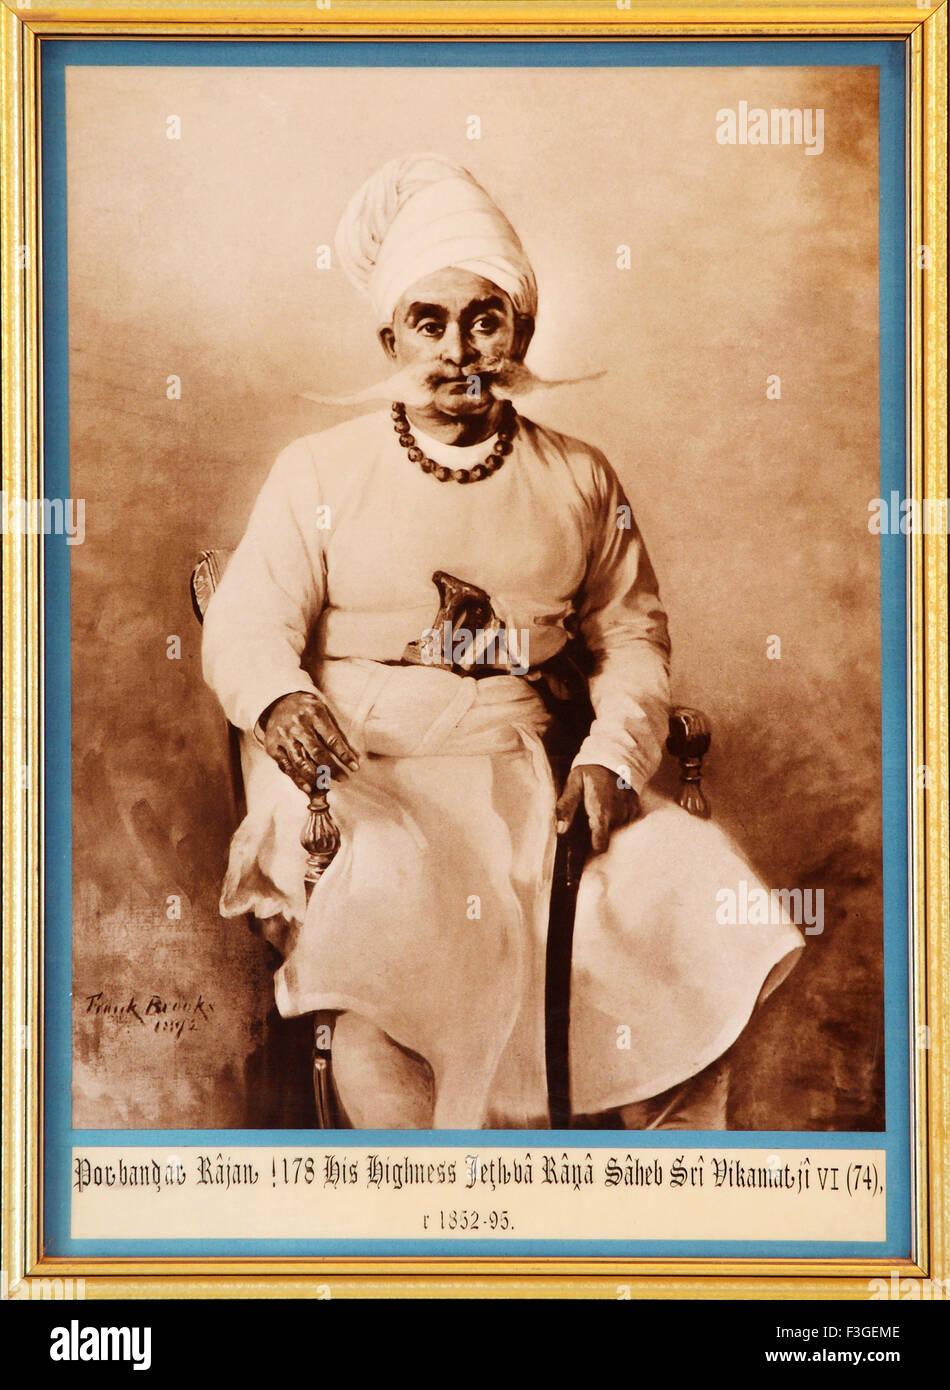 Painting and old royal portrait of Porbandar Rajan his highness Jeth ba Rana Saheb Sri Vikamat Ji VI 74 1852 95 - Stock Image